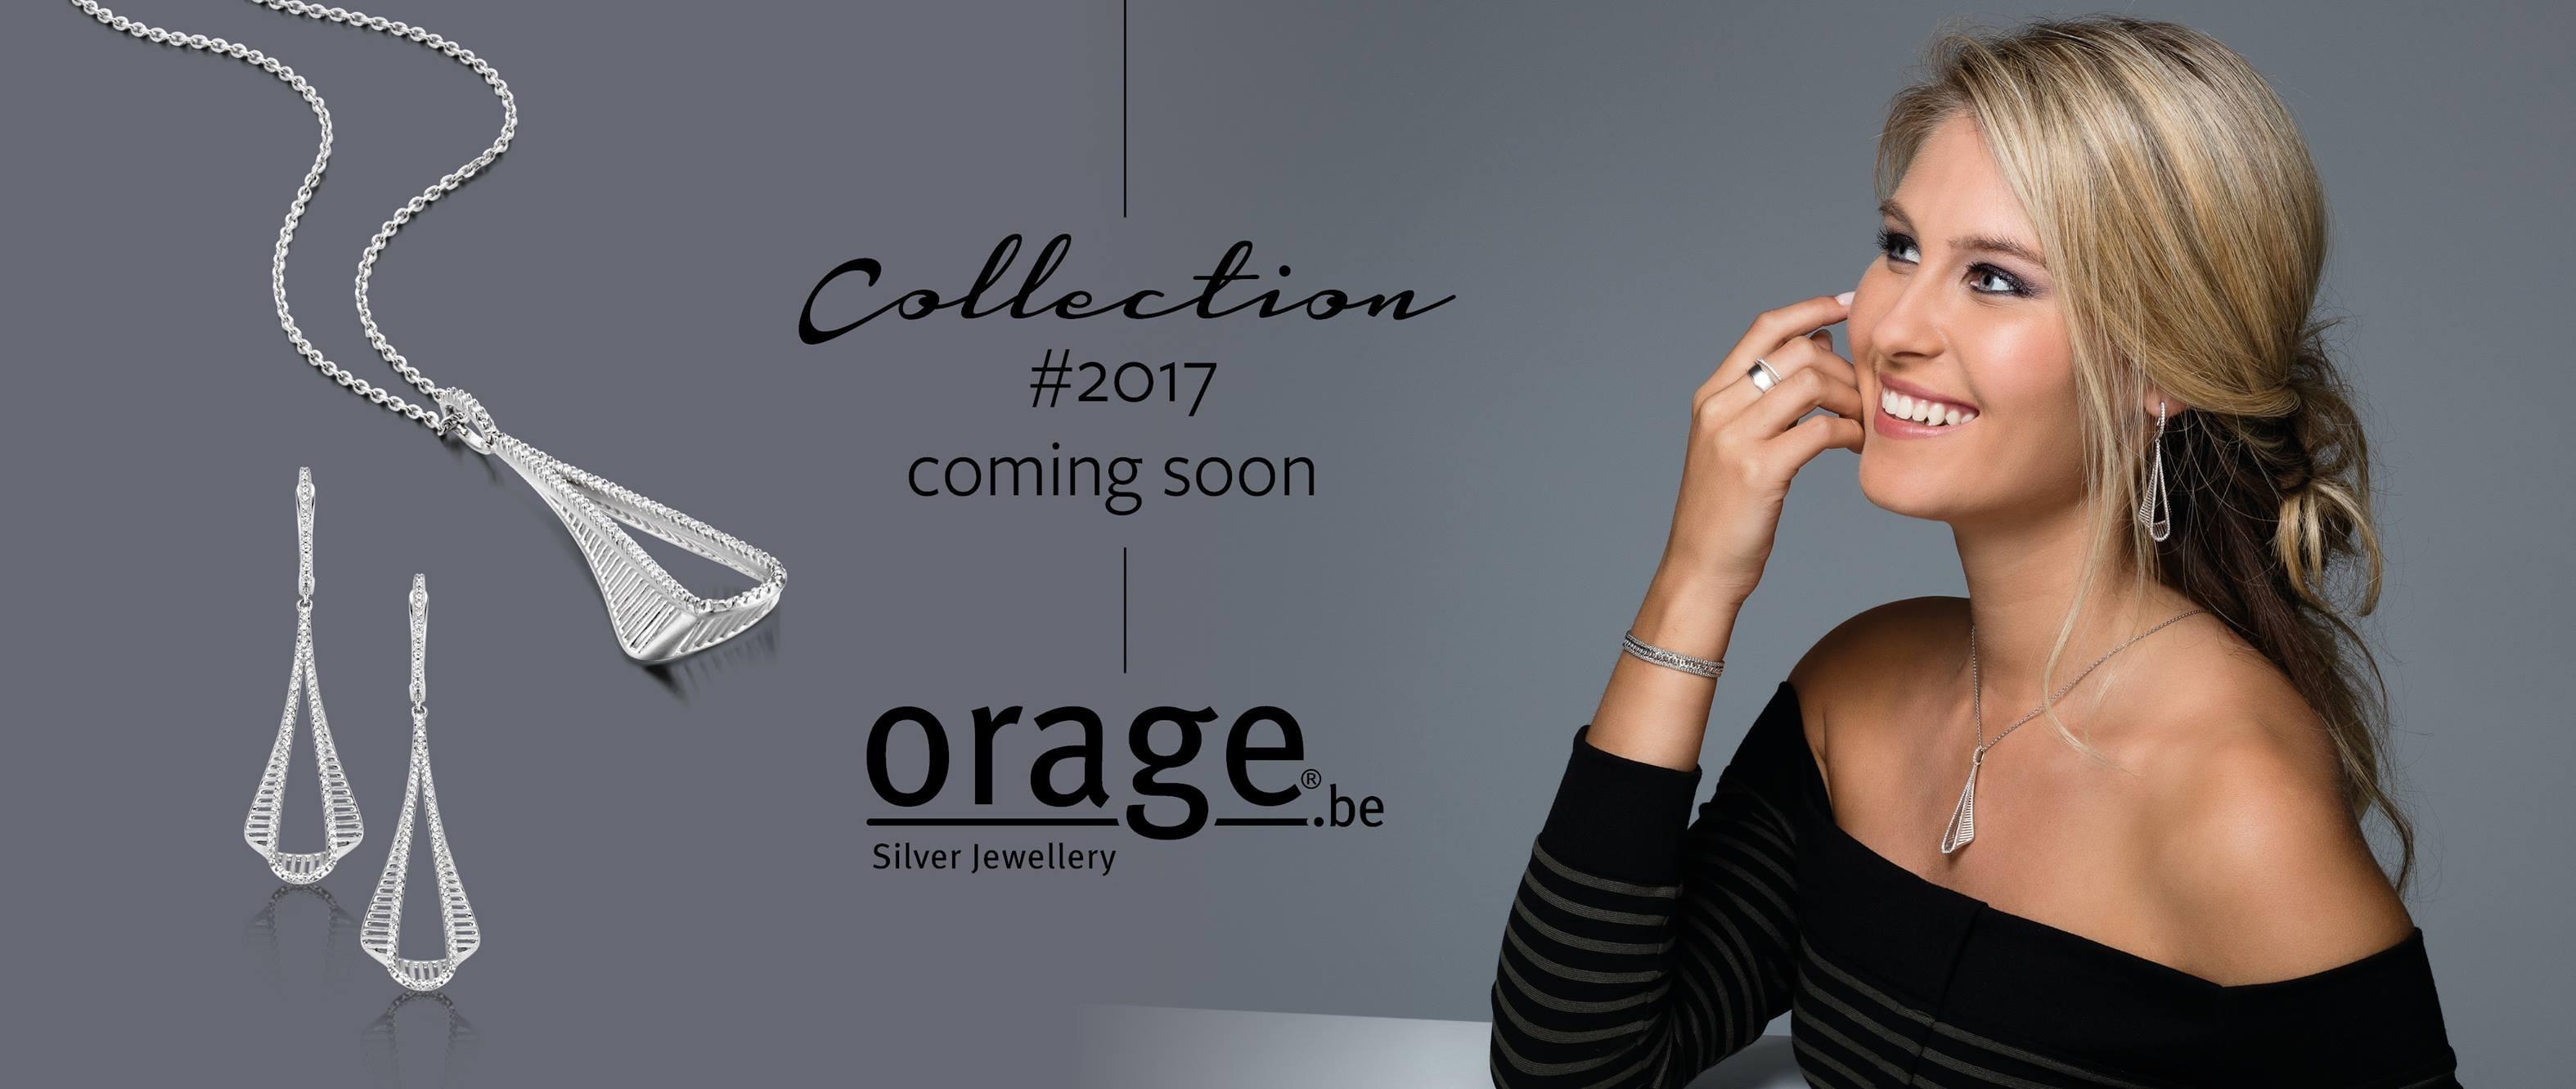 Orage 2017